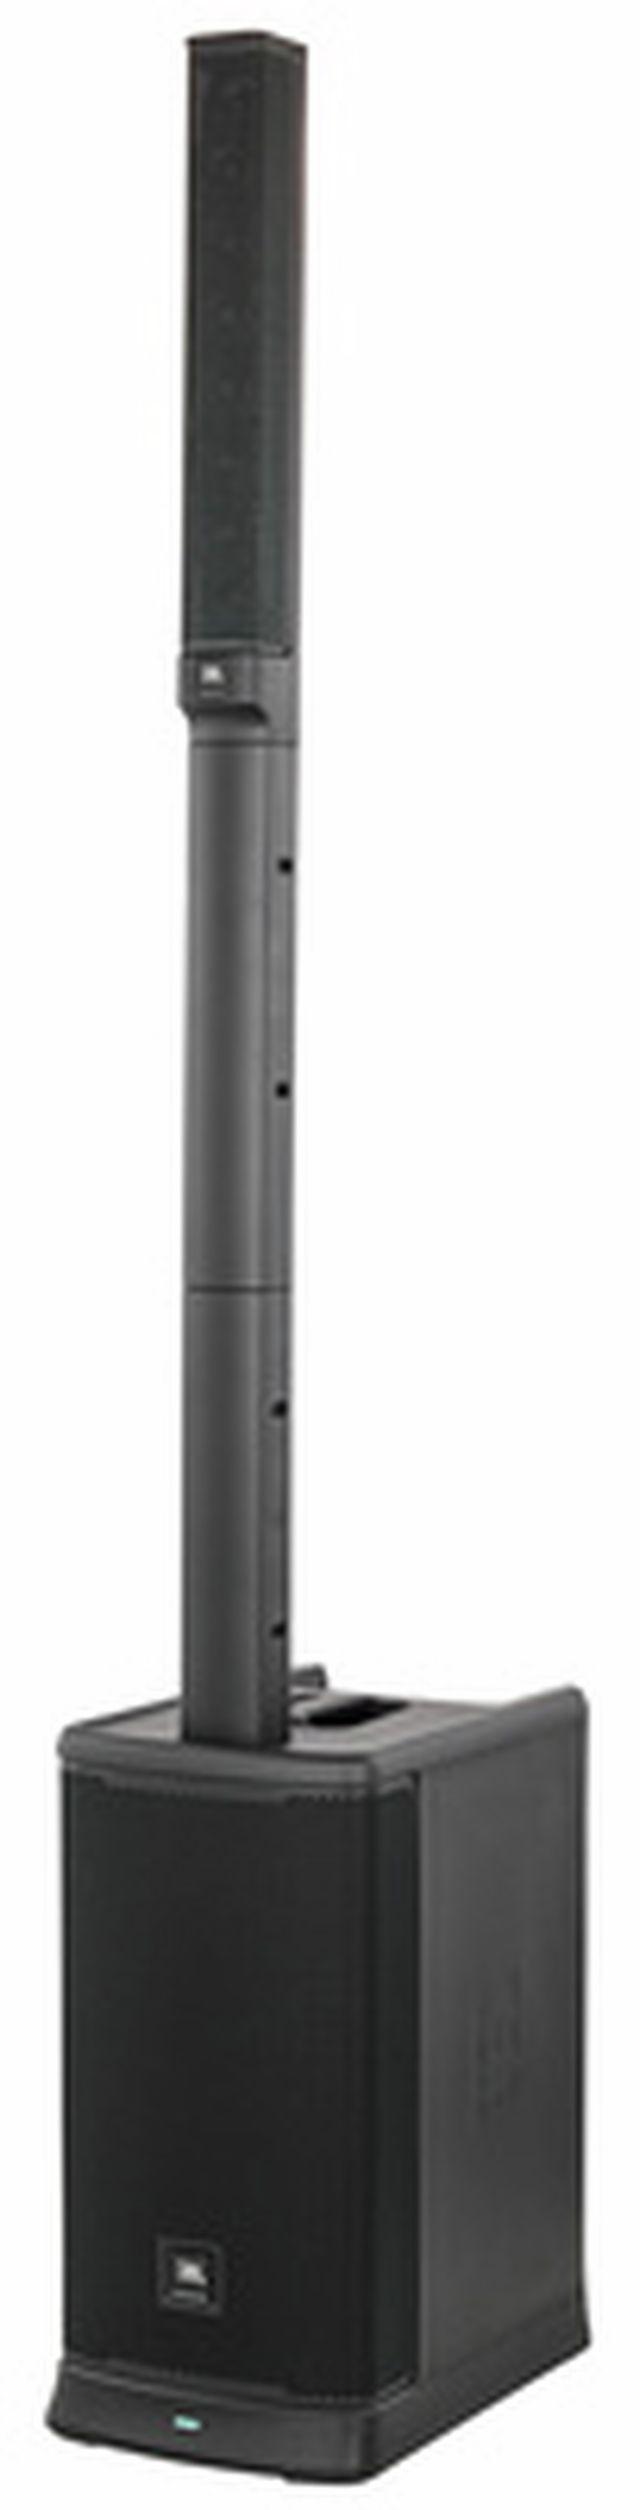 JBL Eon One MK2